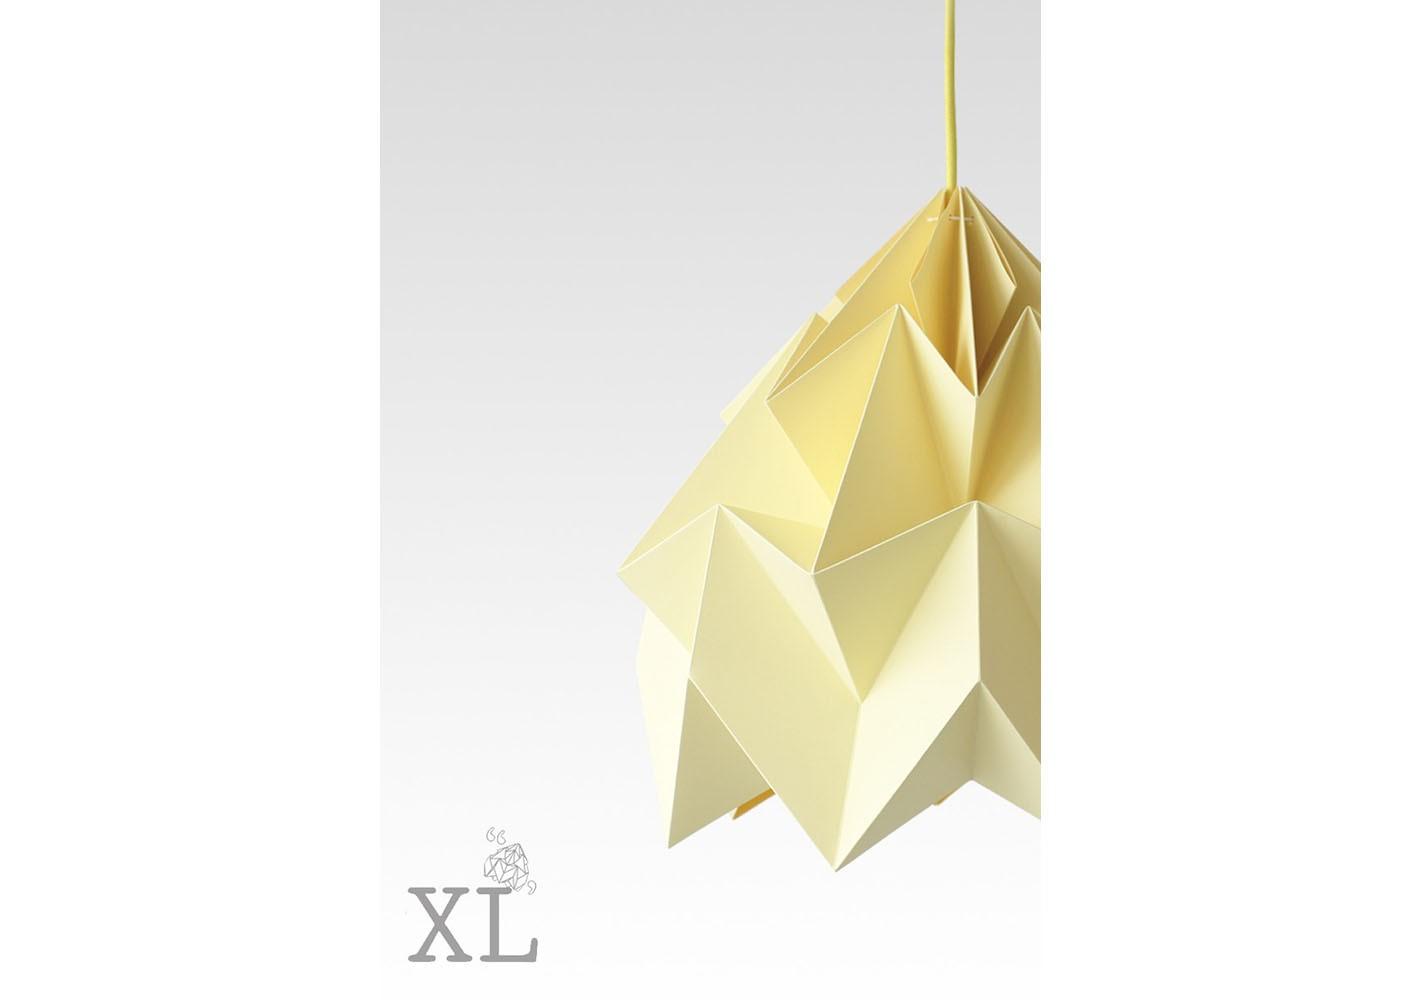 Abat-jour uni MOTH XL - STUDIO SNOWPUPPE